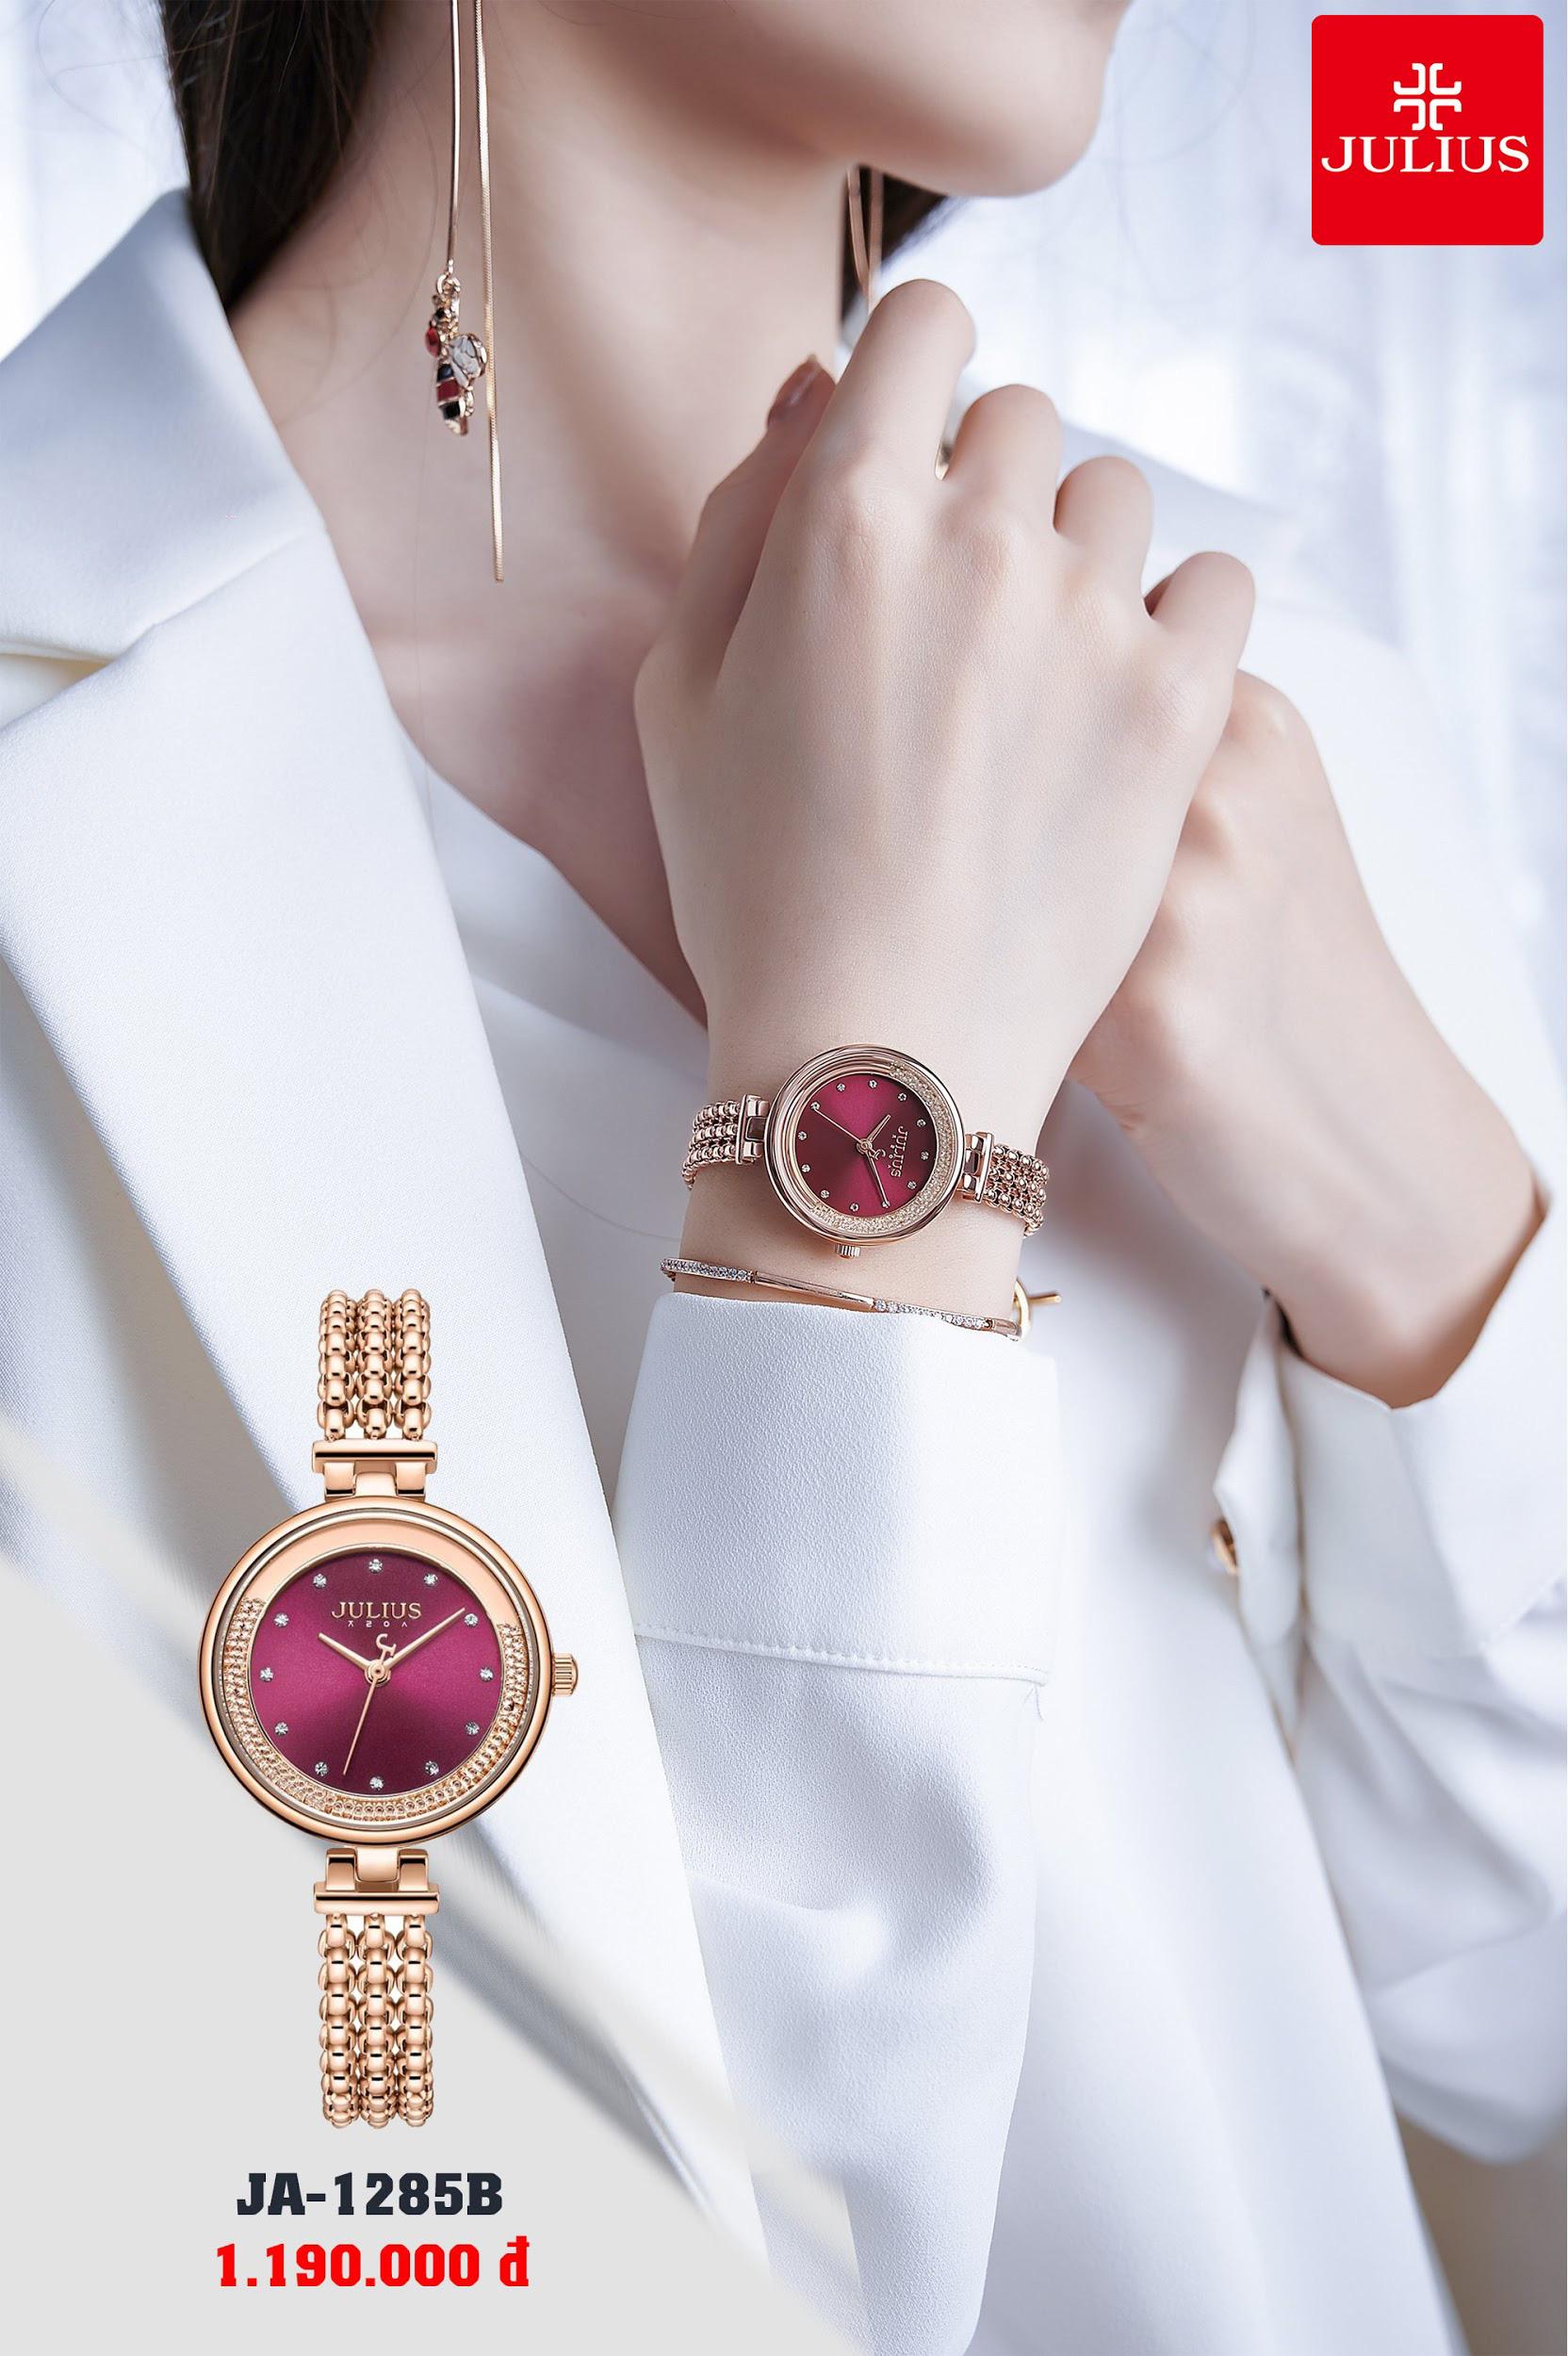 Đồng hồ thời trang Julius đẳng cấp - trao trọn yêu thương cho phái đẹp nhân ngày 8/3 - Ảnh 4.